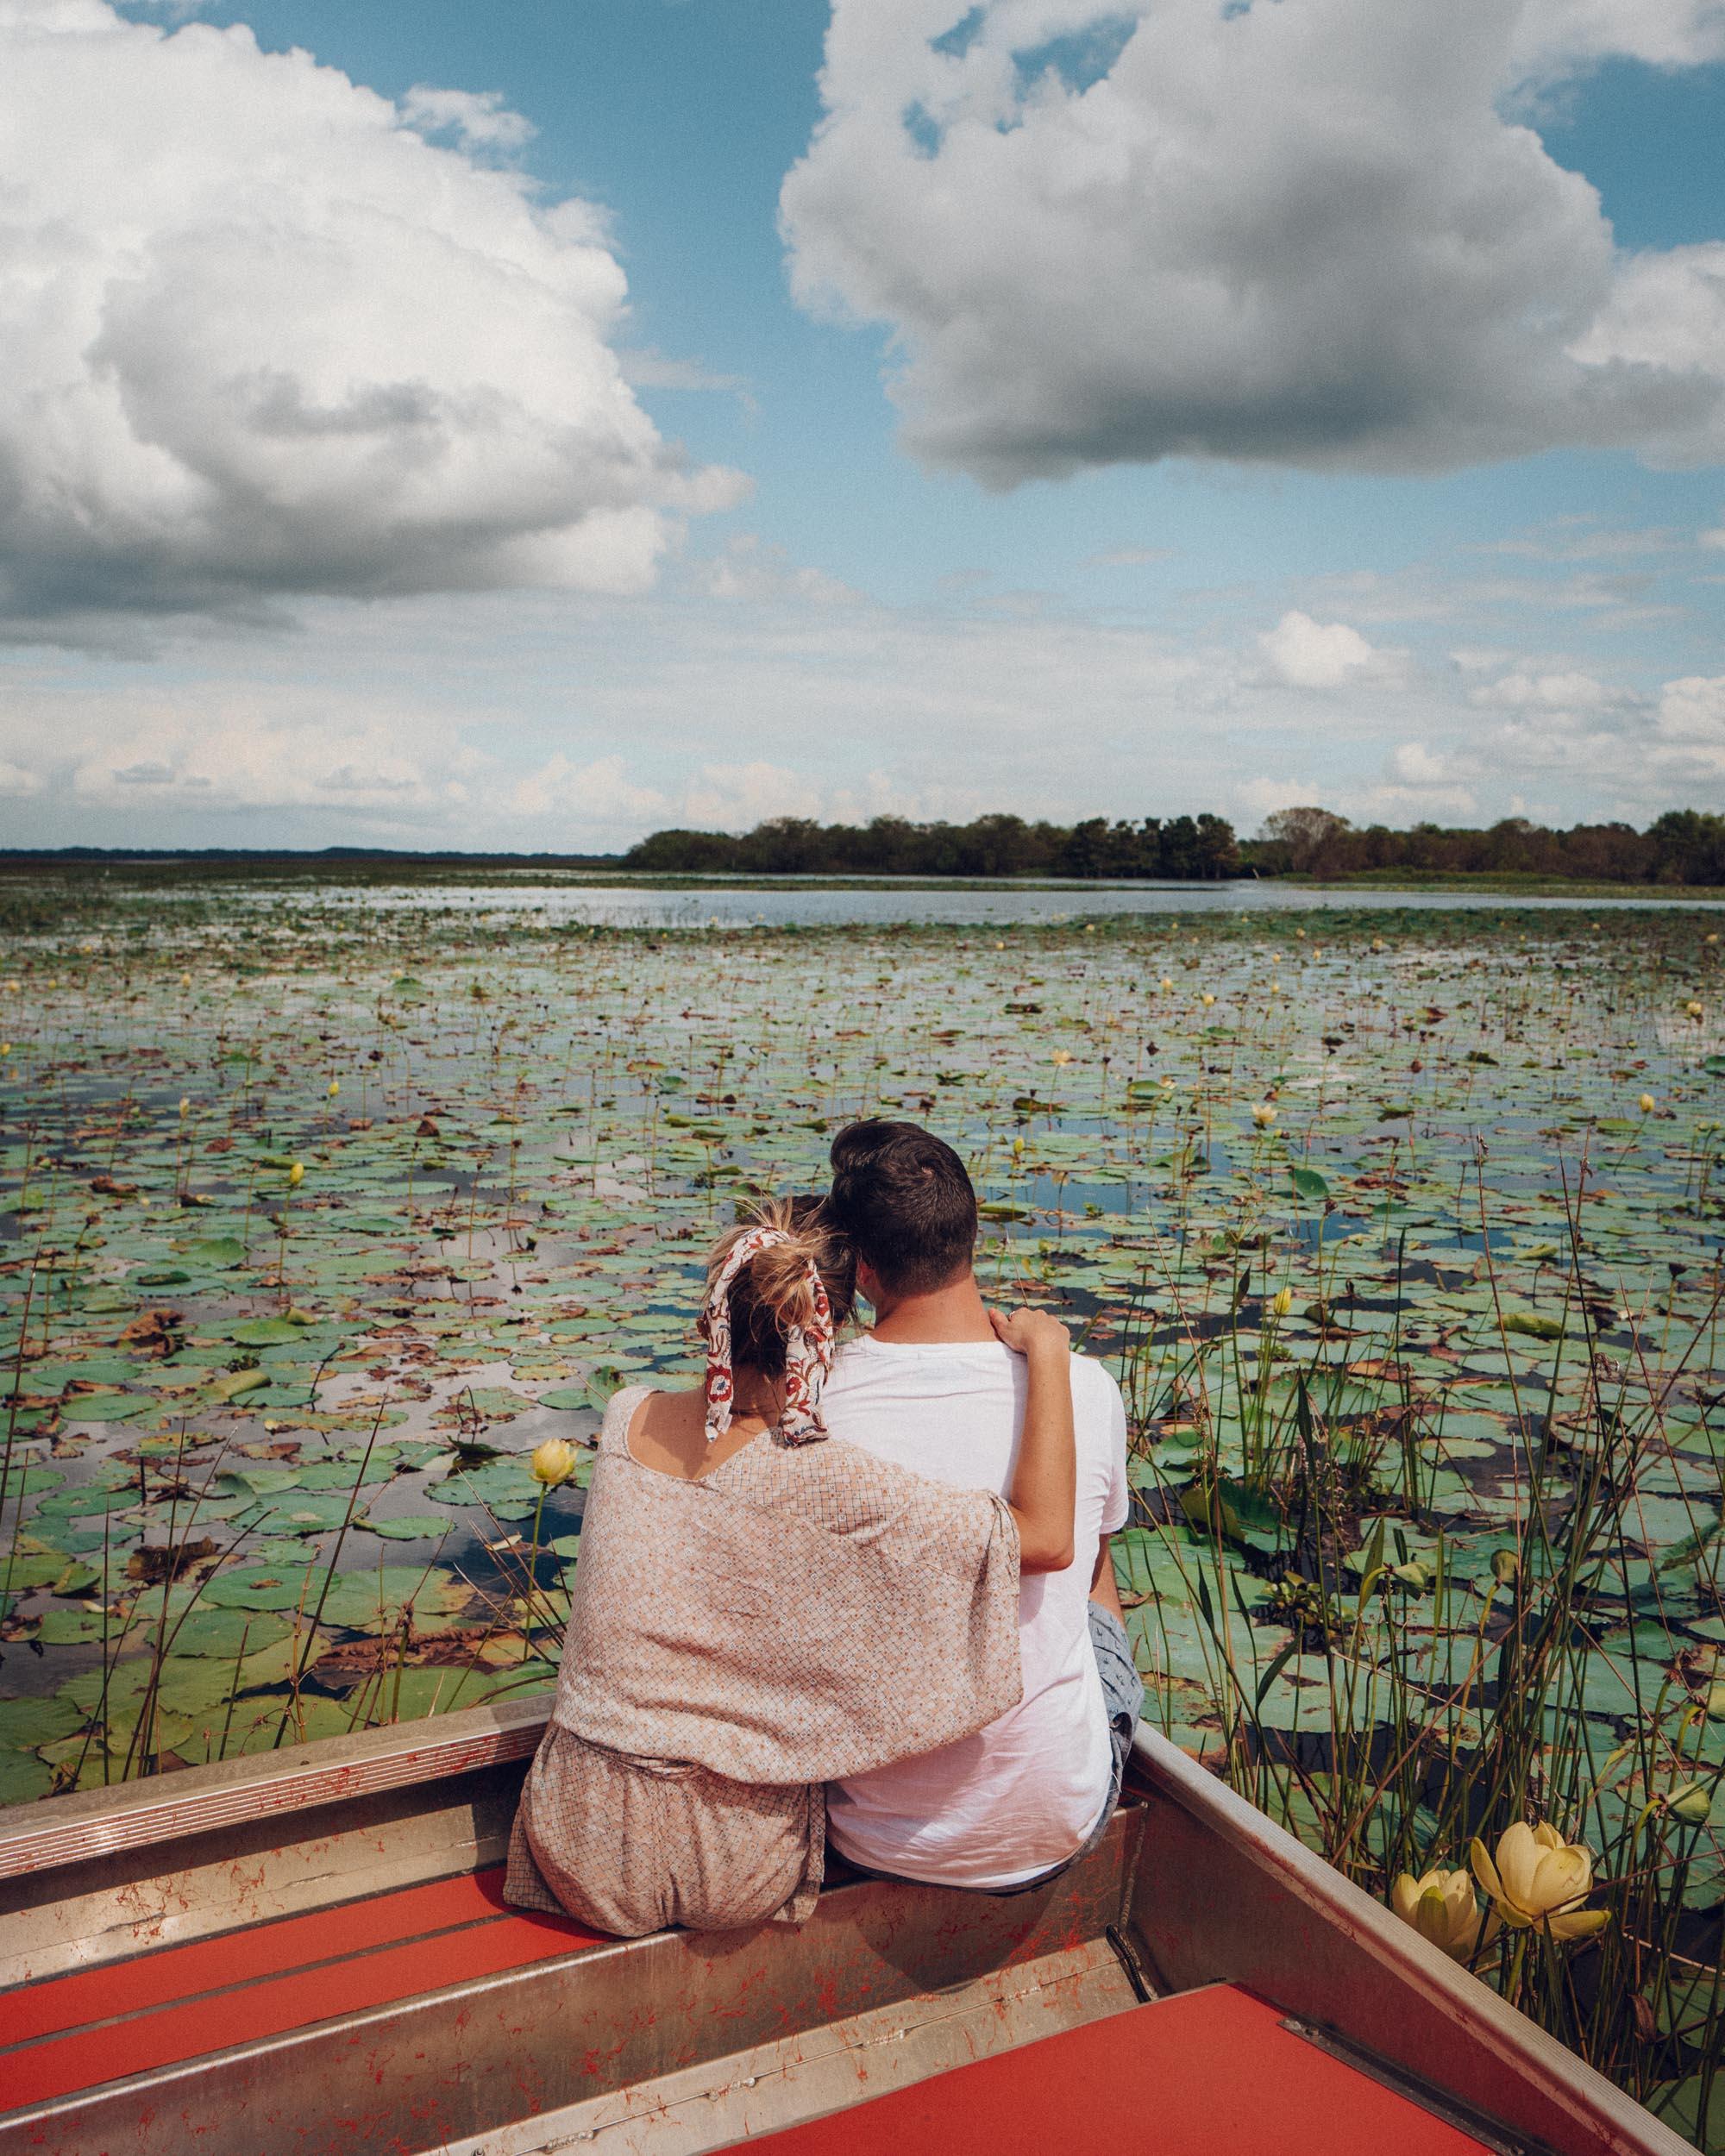 Fan boat alligator tour in the Kissimmee florida Everglades Lake Tohopekaliga